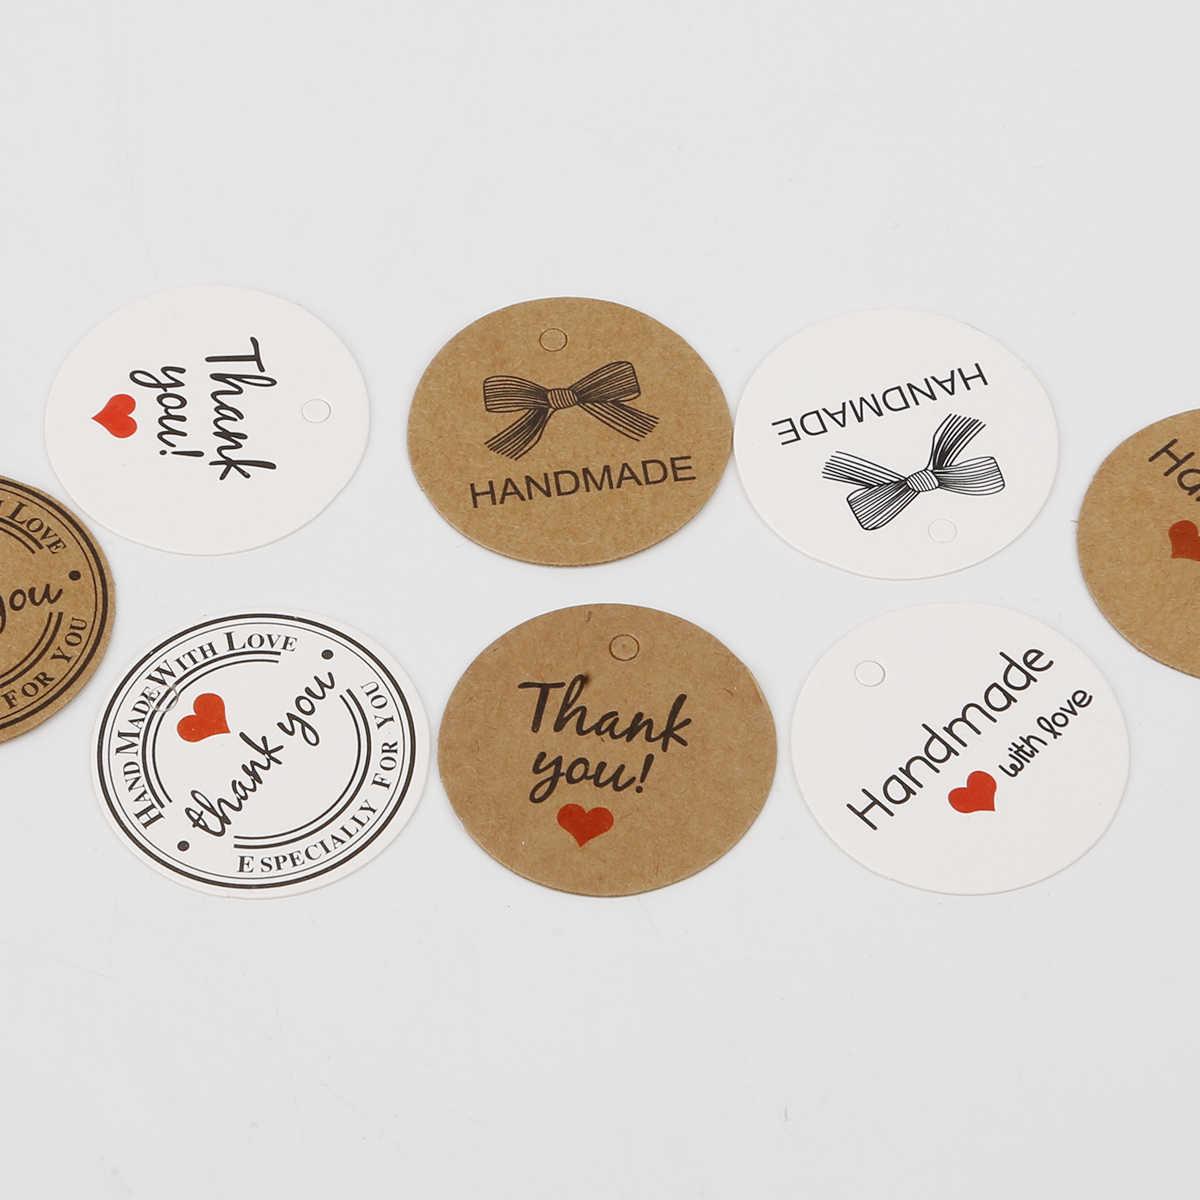 100 unids/lote, etiqueta de papel, etiqueta blanca y marrón, etiqueta cuadrada redondo para tarjetas de regalo de fiesta hechas a mano, etiqueta para hornear, joyería, dijes de decoración